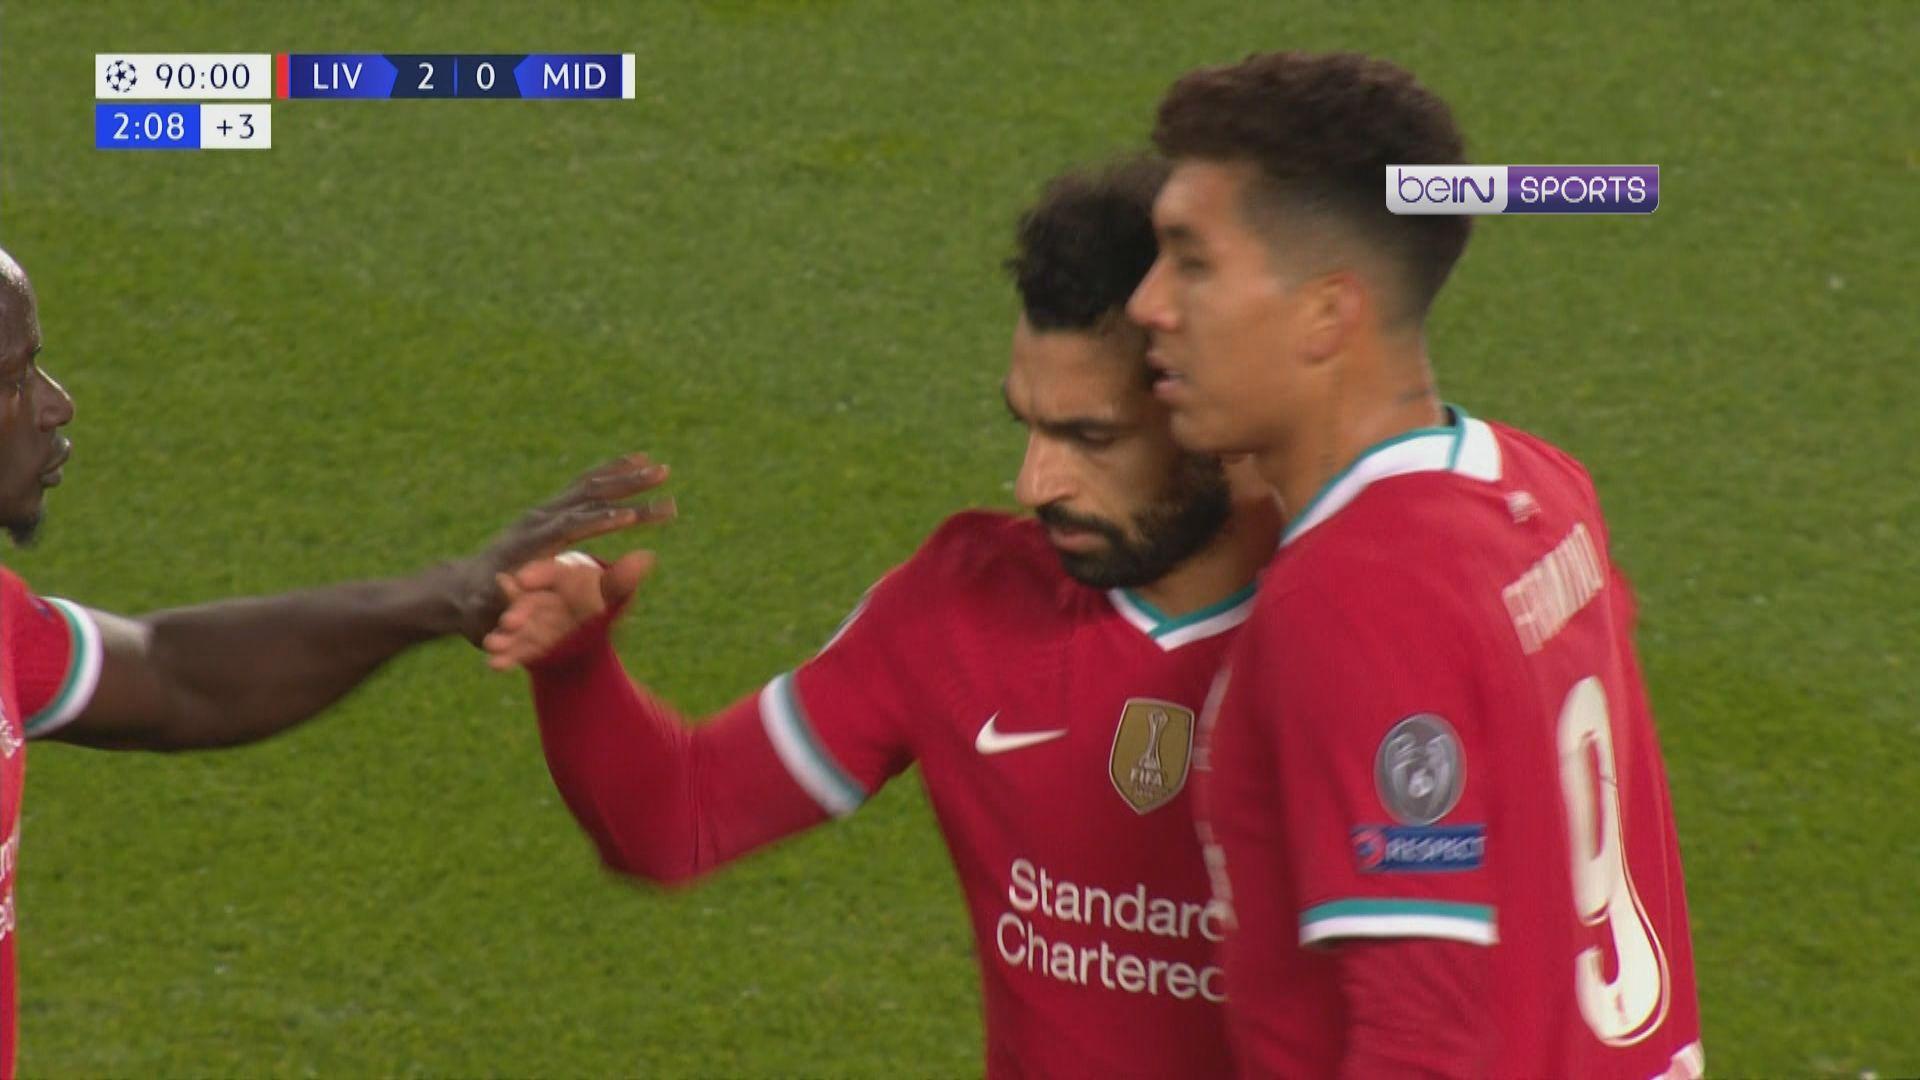 歐聯 利物浦 2:0 米迪蘭特、馬賽 0:3 曼城